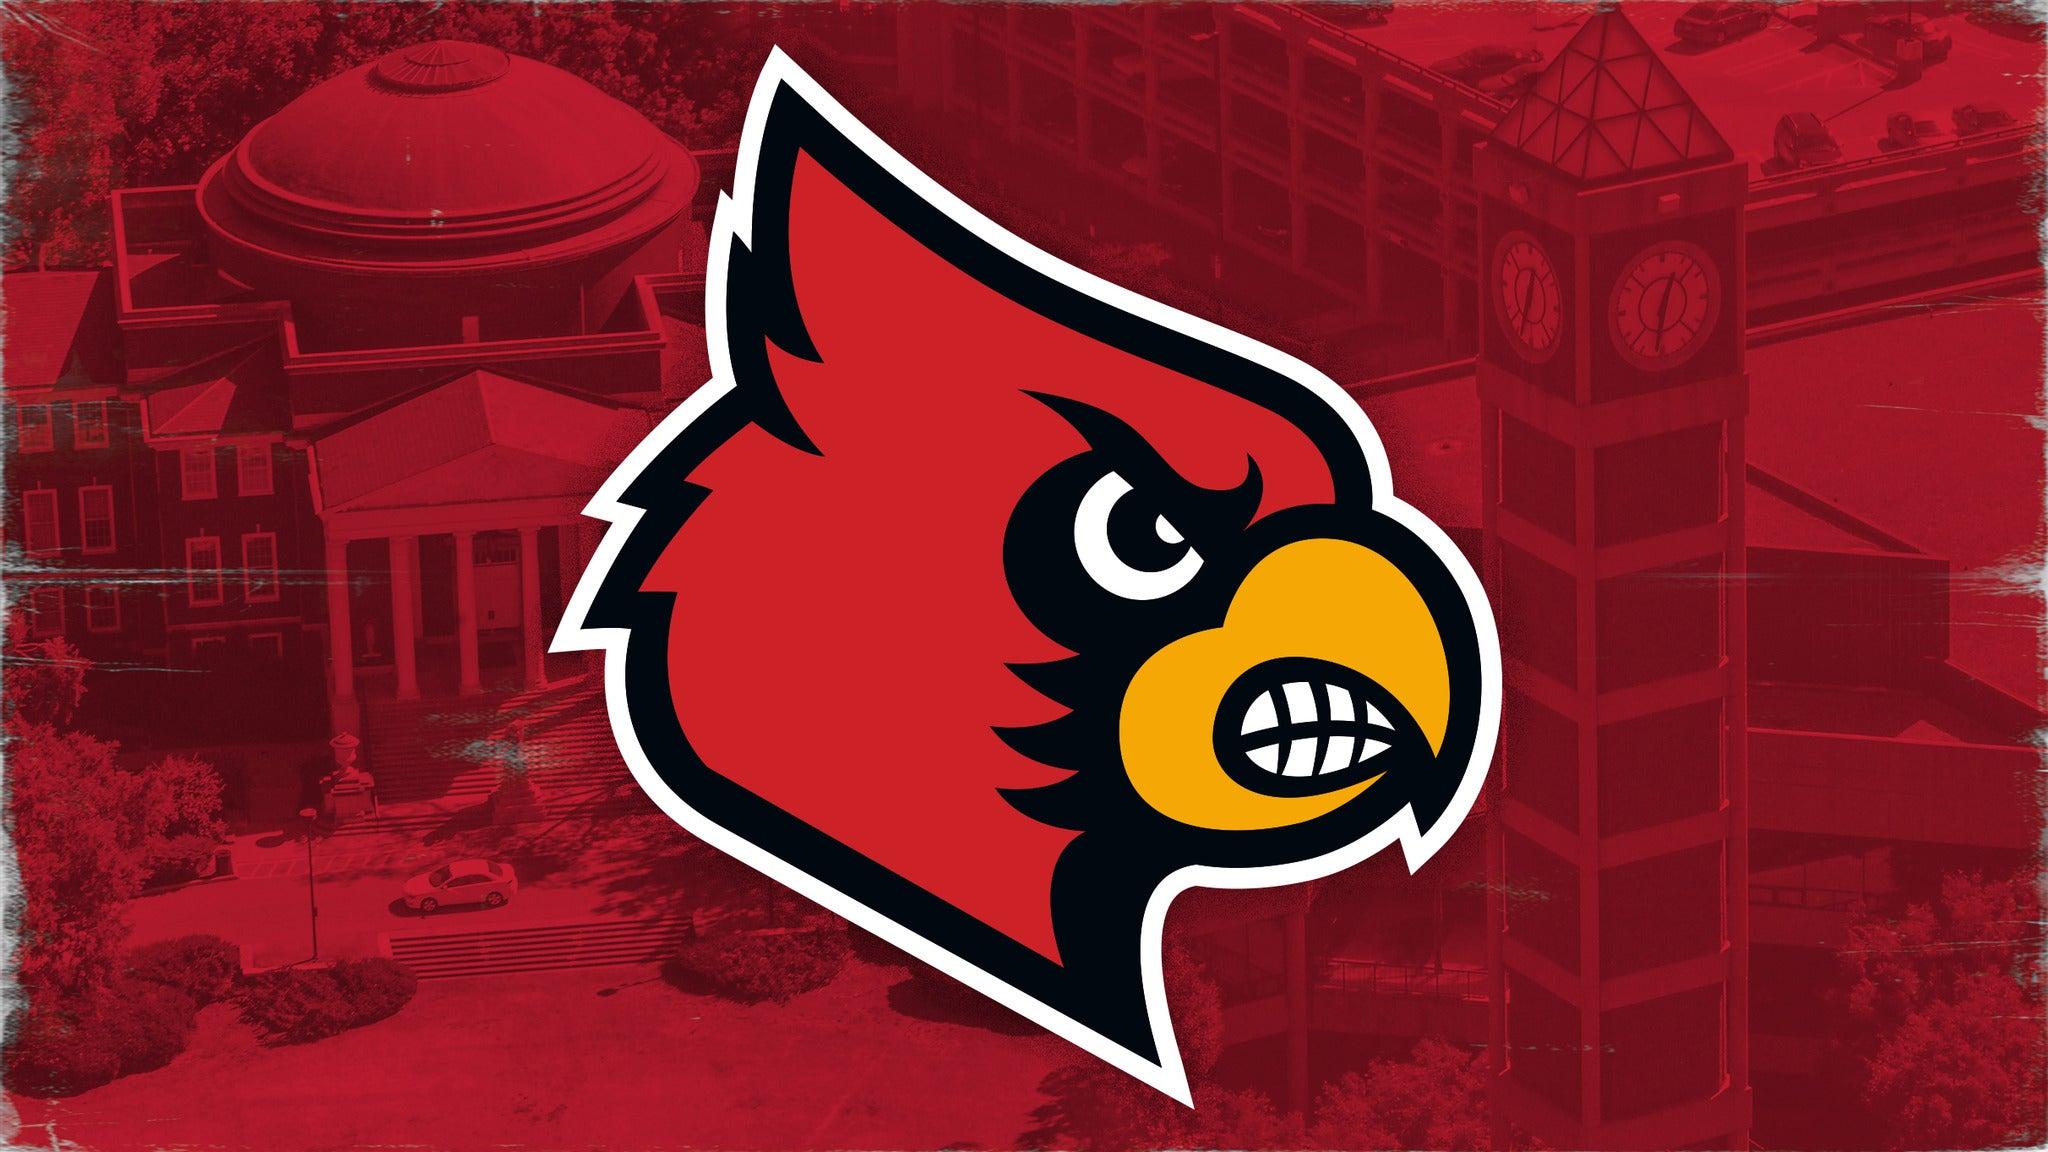 Louisville Cardinals Men's Soccer vs. Lipscomb University Bisons Men's Soccer